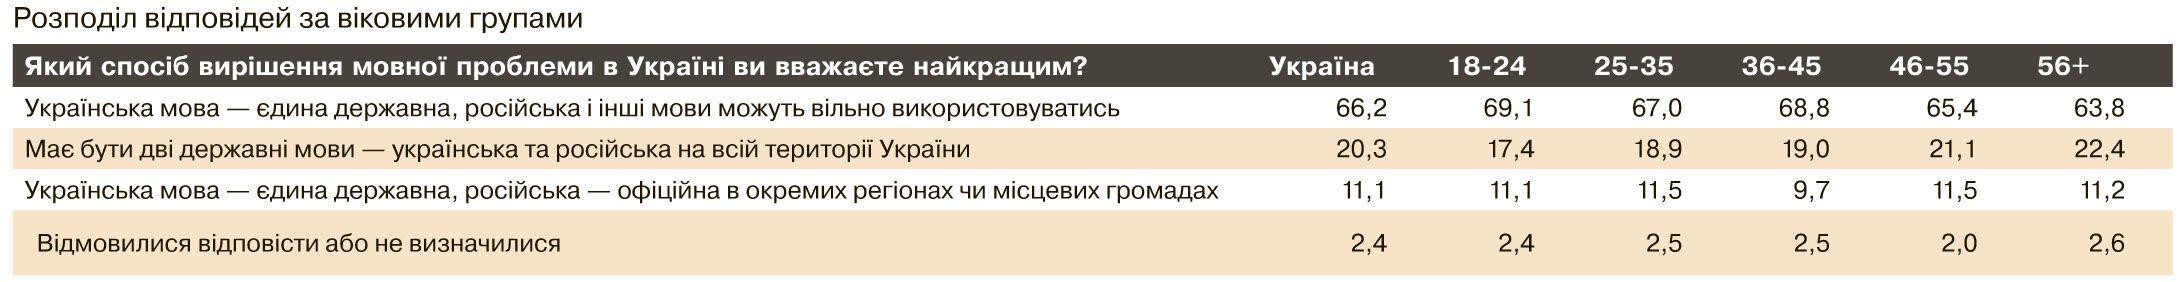 опитування про національність, мову, віросповідання_4